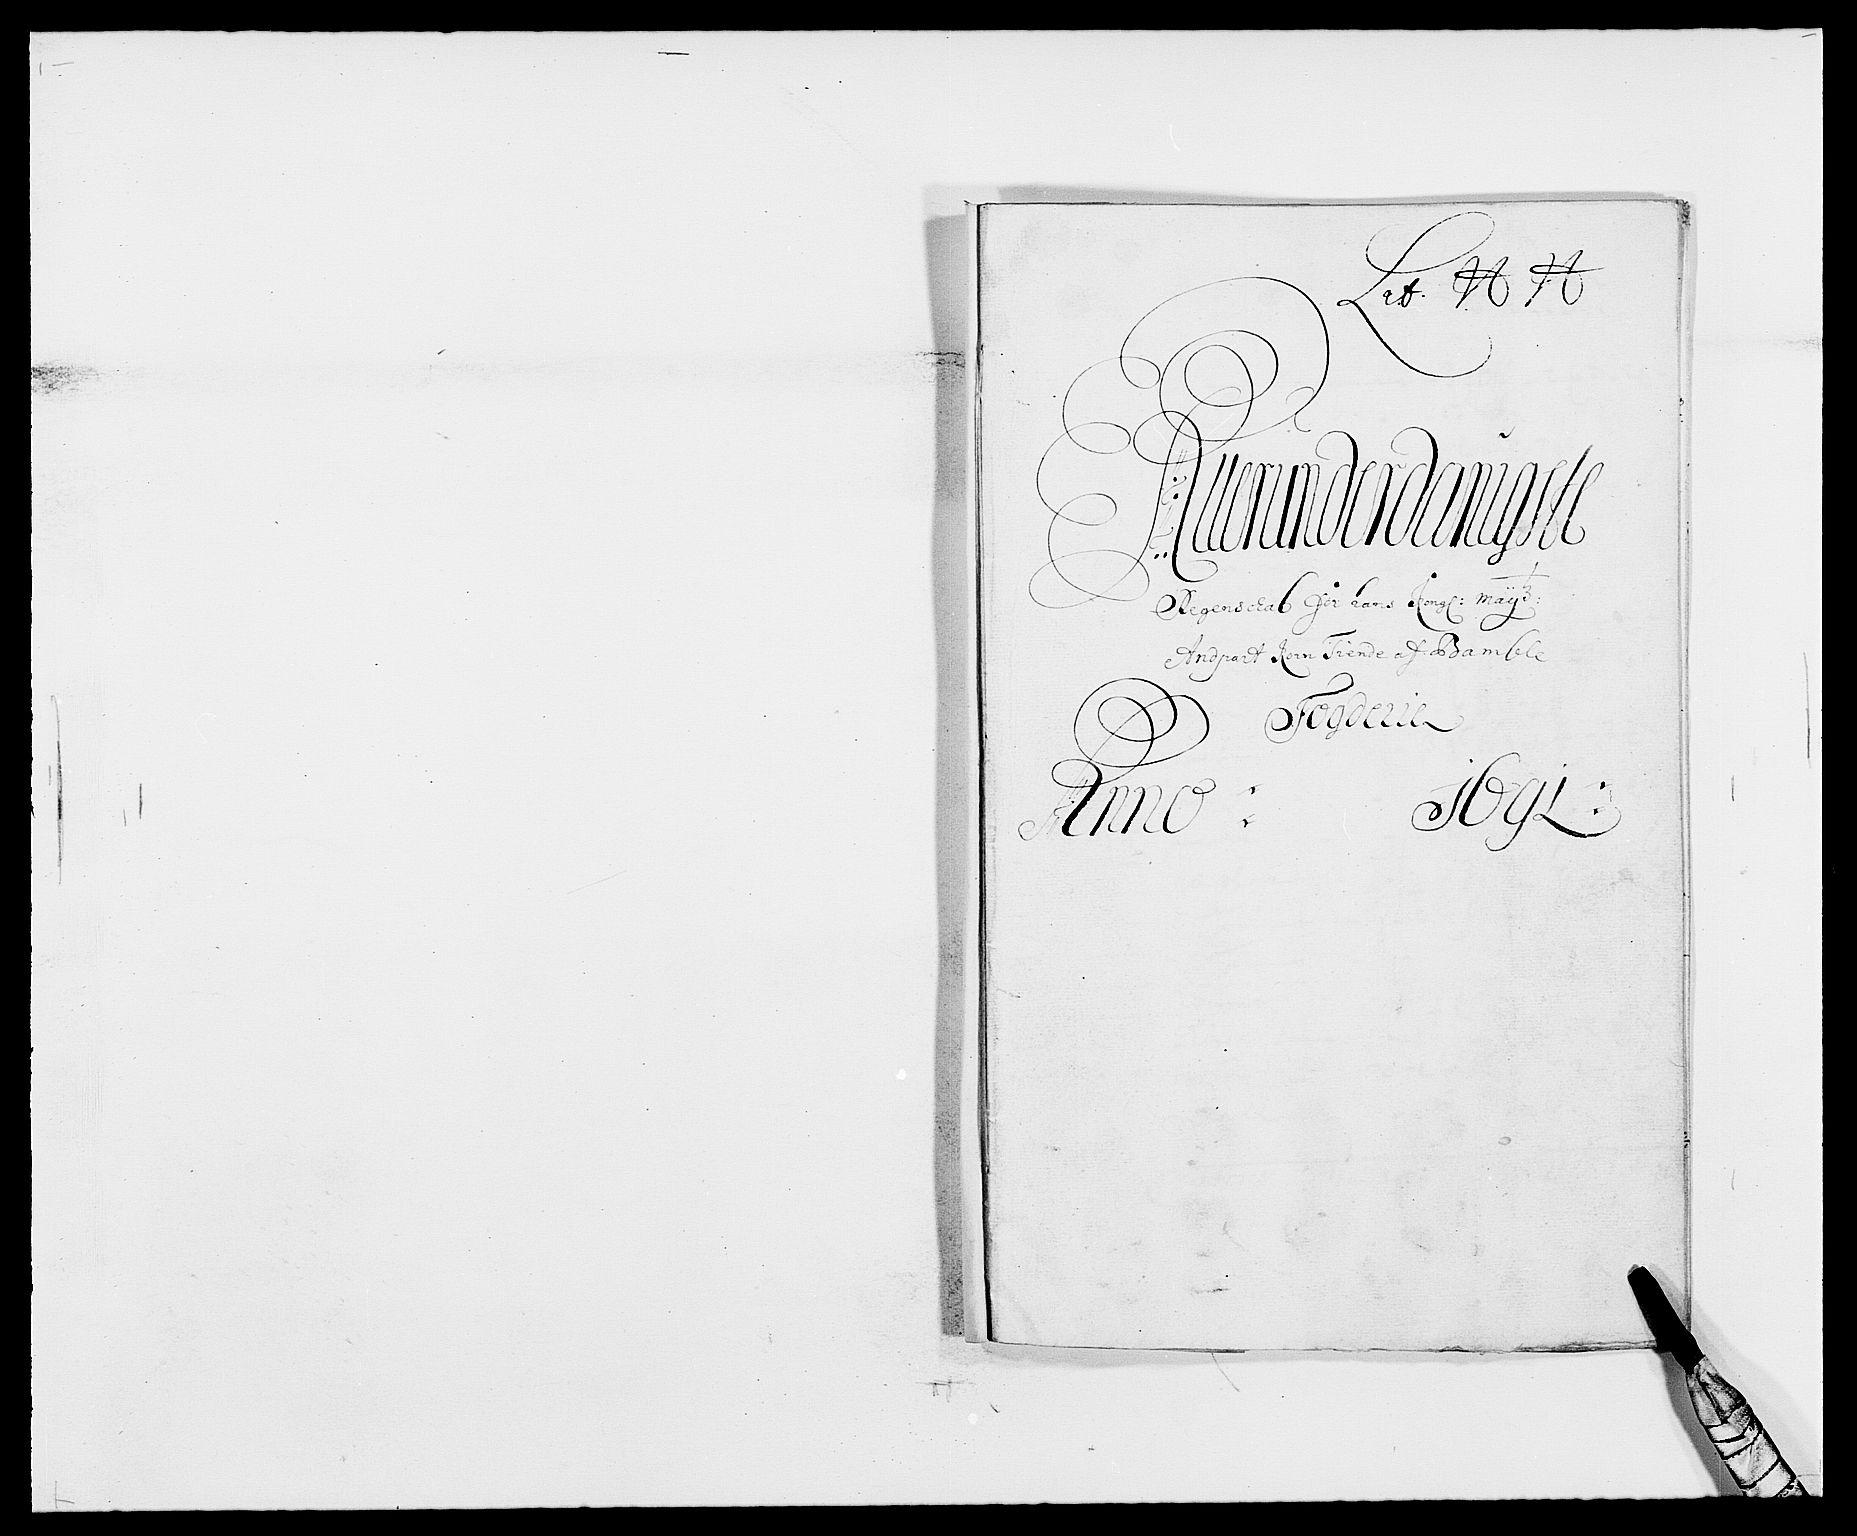 RA, Rentekammeret inntil 1814, Reviderte regnskaper, Fogderegnskap, R34/L2051: Fogderegnskap Bamble, 1688-1691, s. 169